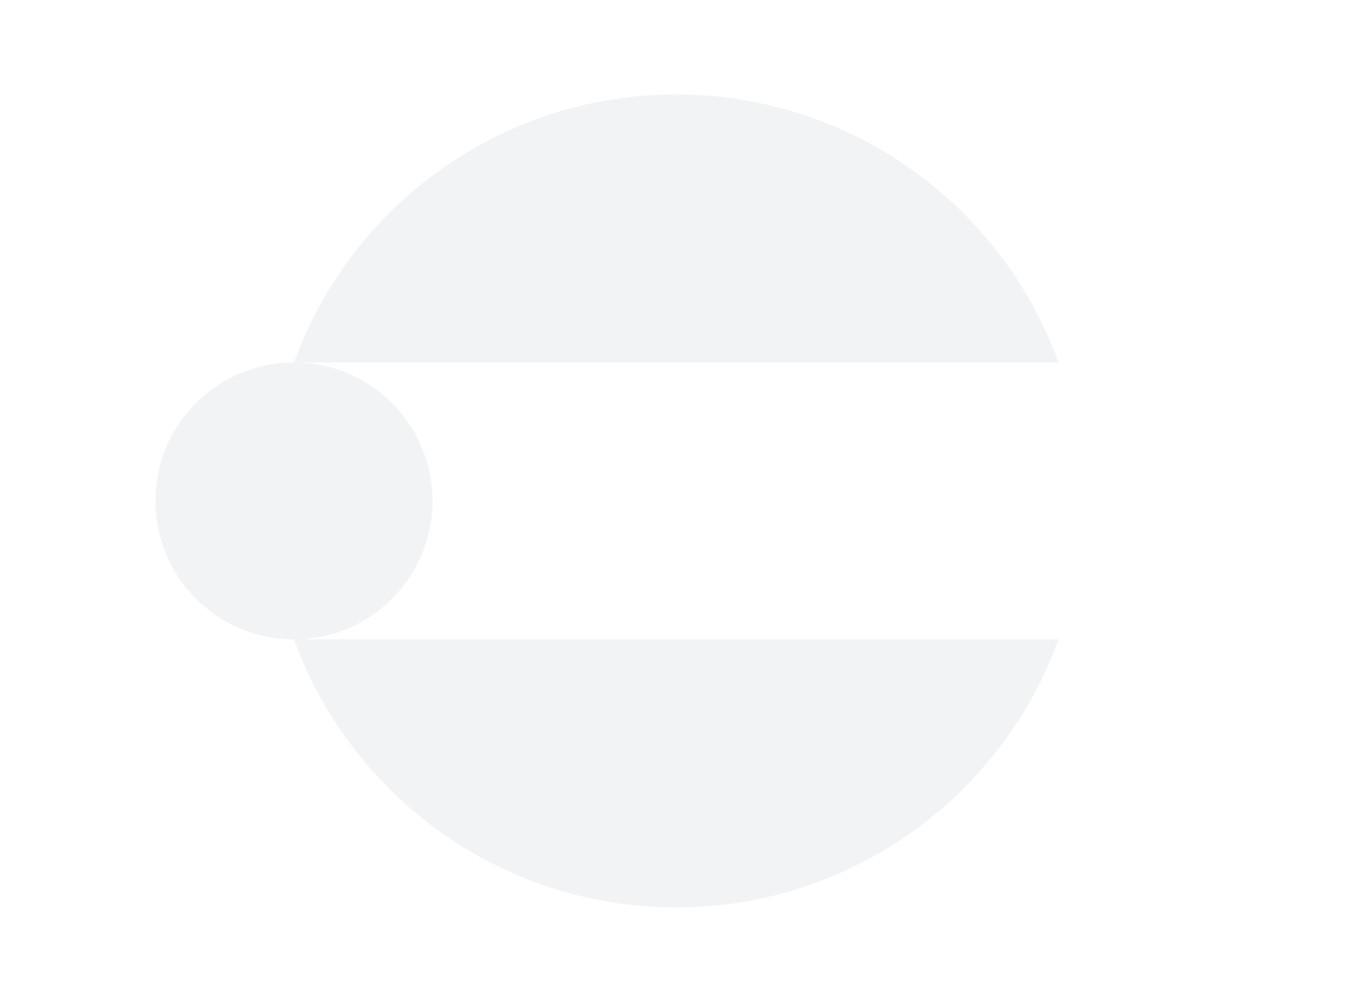 Orbit Special Turntable w/ Preamp (Walnut)